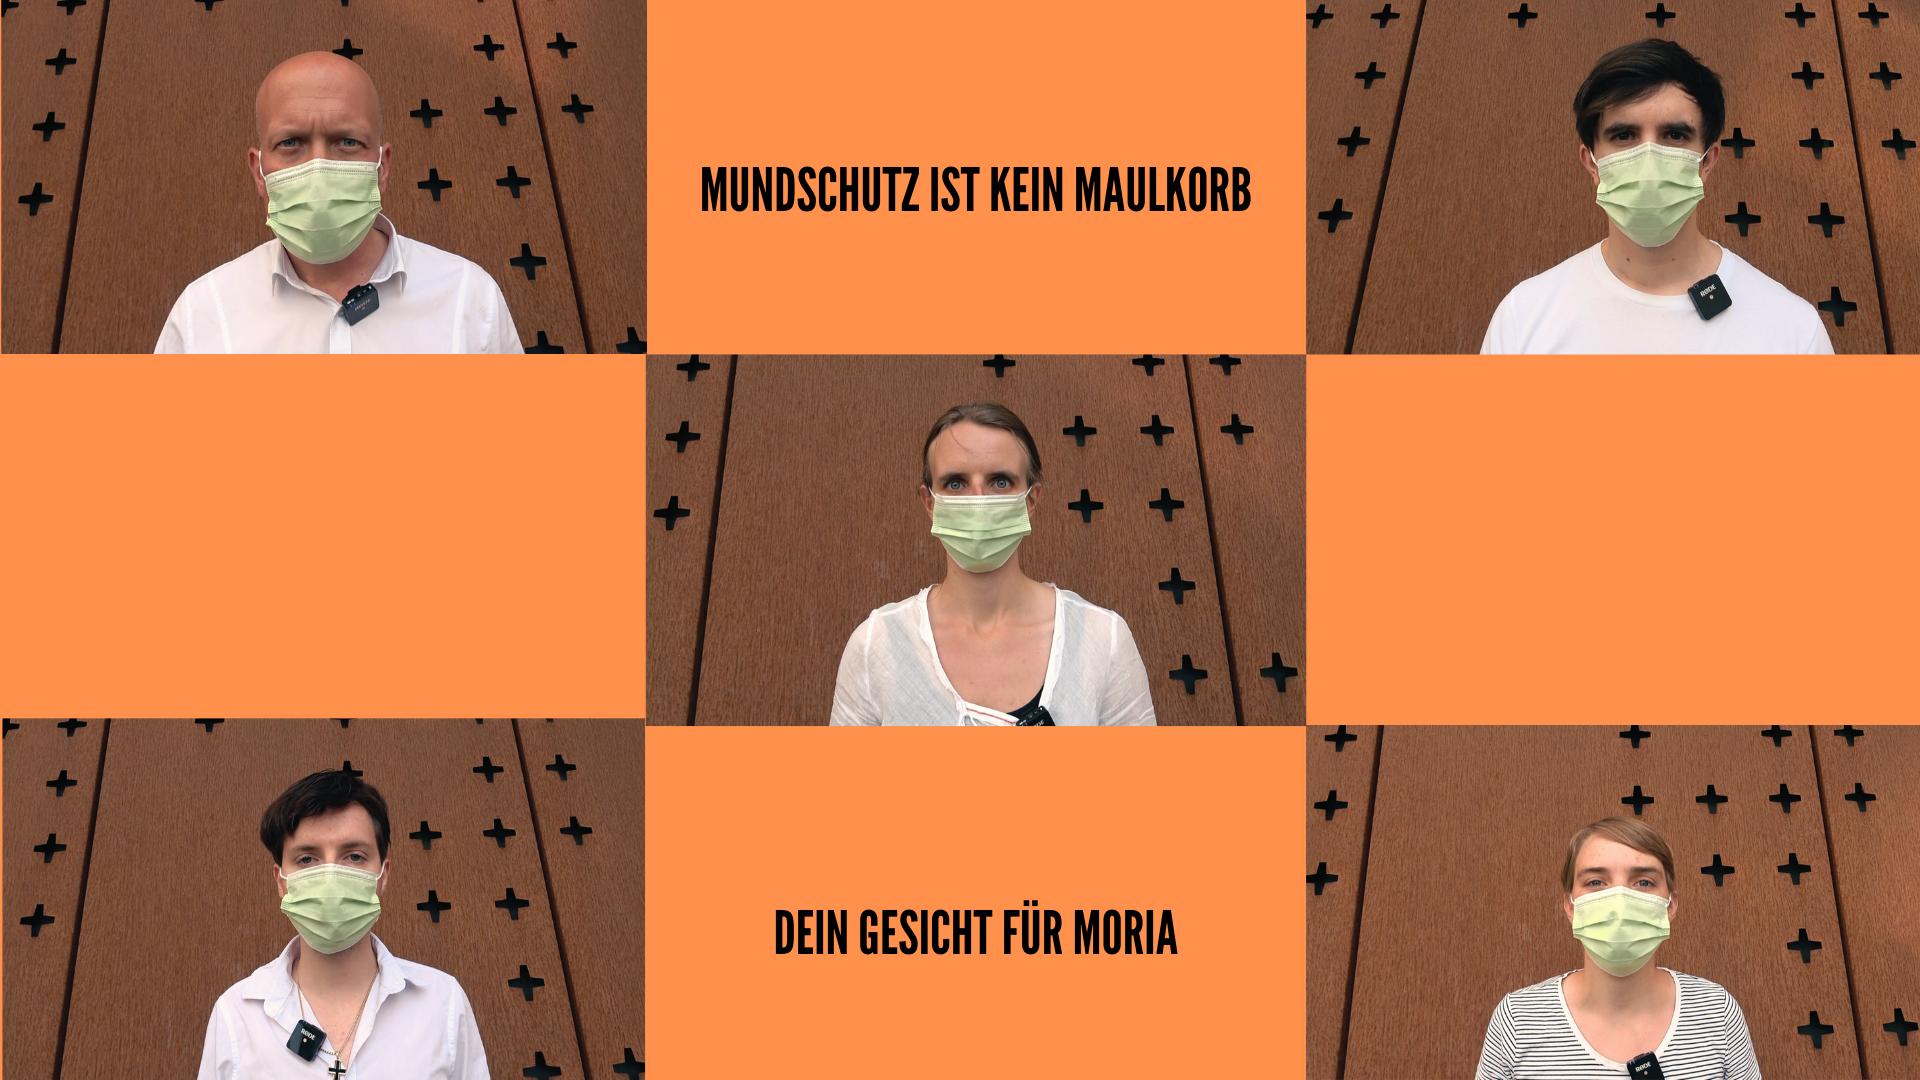 Mundschutz ist kein Maulkorb – Zeig dein Gesicht für Moria – Aktion der Christuskirche Köln ruft zu Online-Demo und Evakuierung der Flüchtlingslager auf